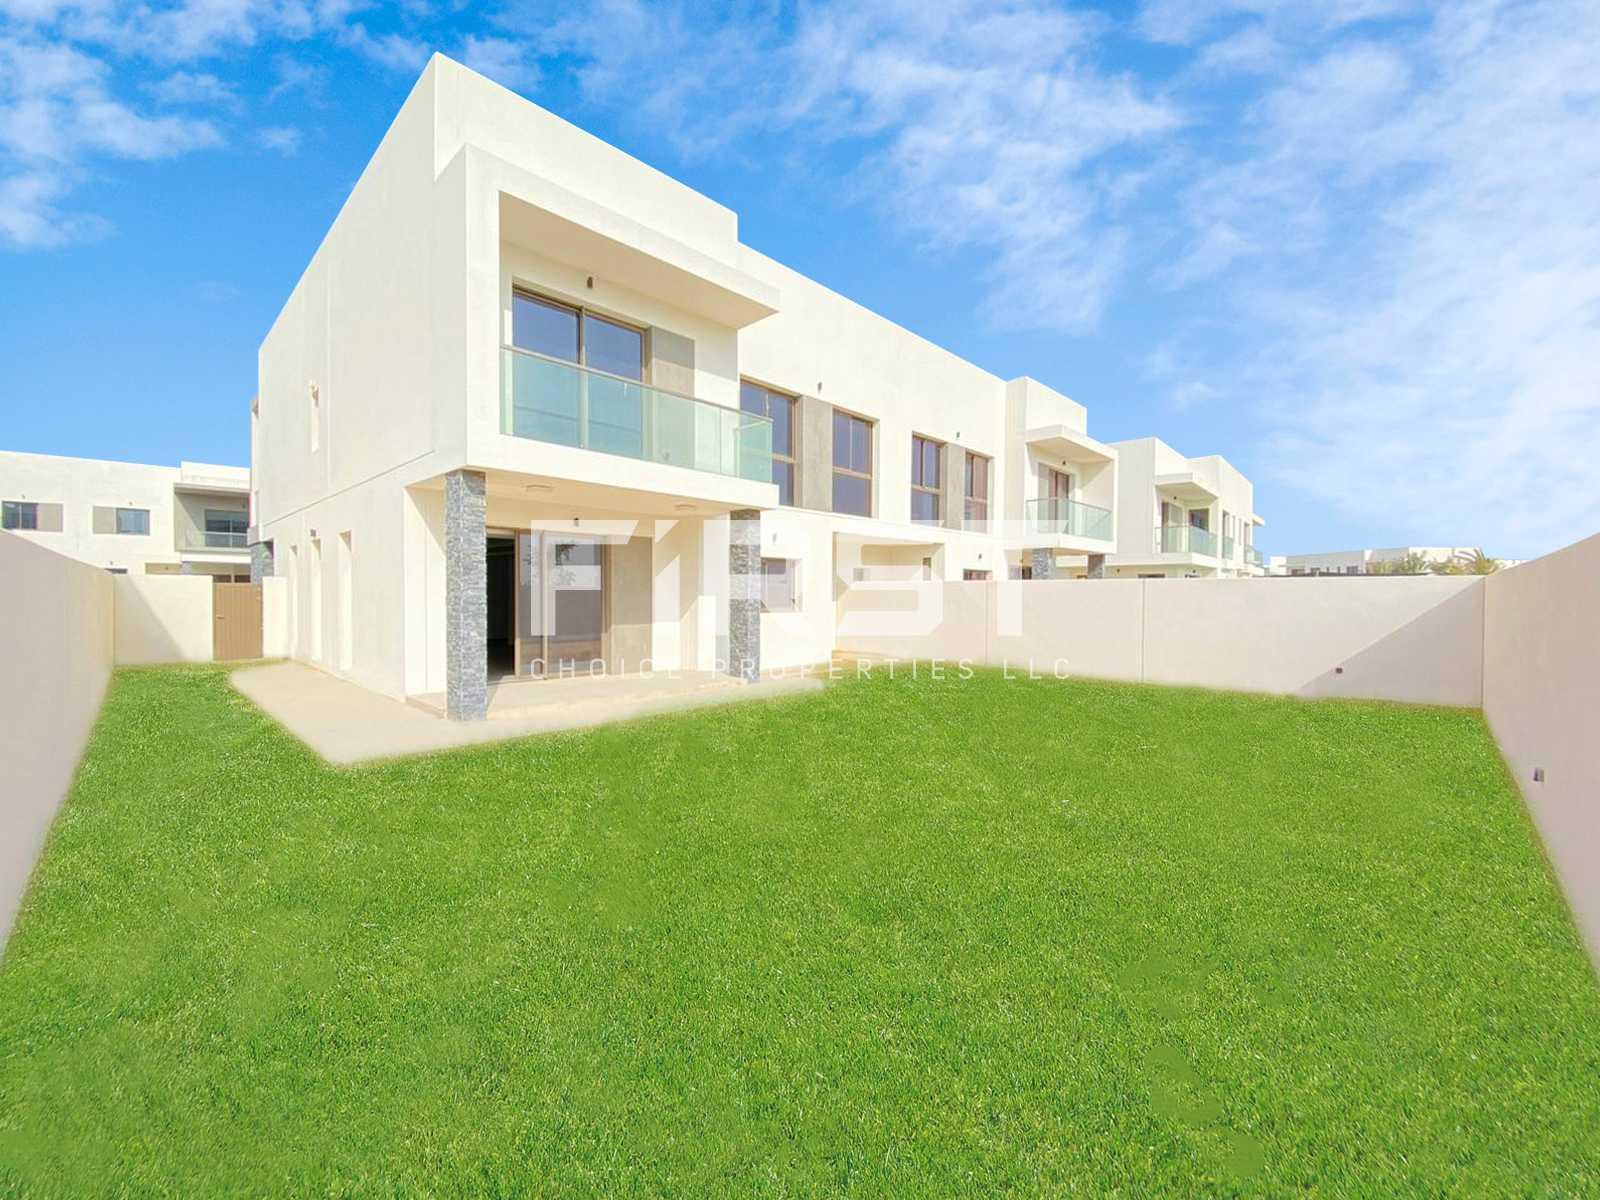 External Photo of 4 Bedroom Duplex Type 4Y in Yas Acres Yas Island AUH UAE (3).jpg